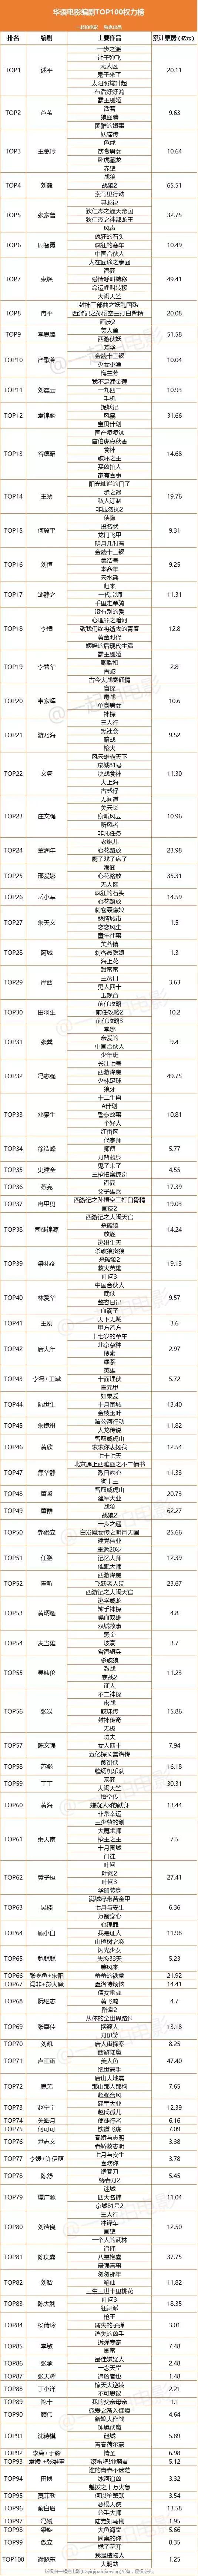 华语电影编剧排行榜出炉:那么多青春片是谁写的